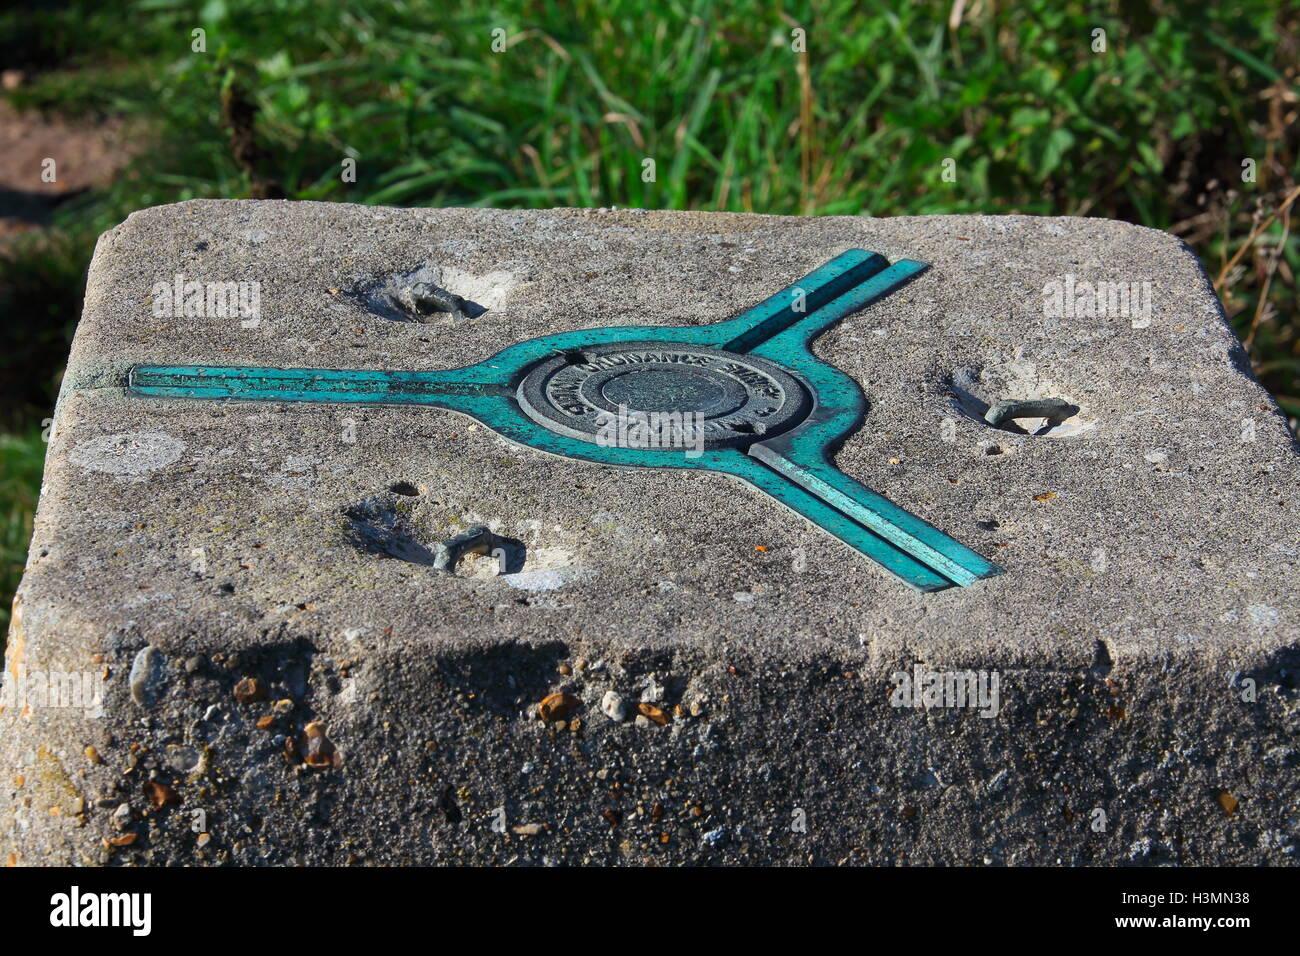 Bronzo fuso punto di triangolazione stampata in un quadrato di cemento peg scavate nel terreno con un elemento amovibile Immagini Stock